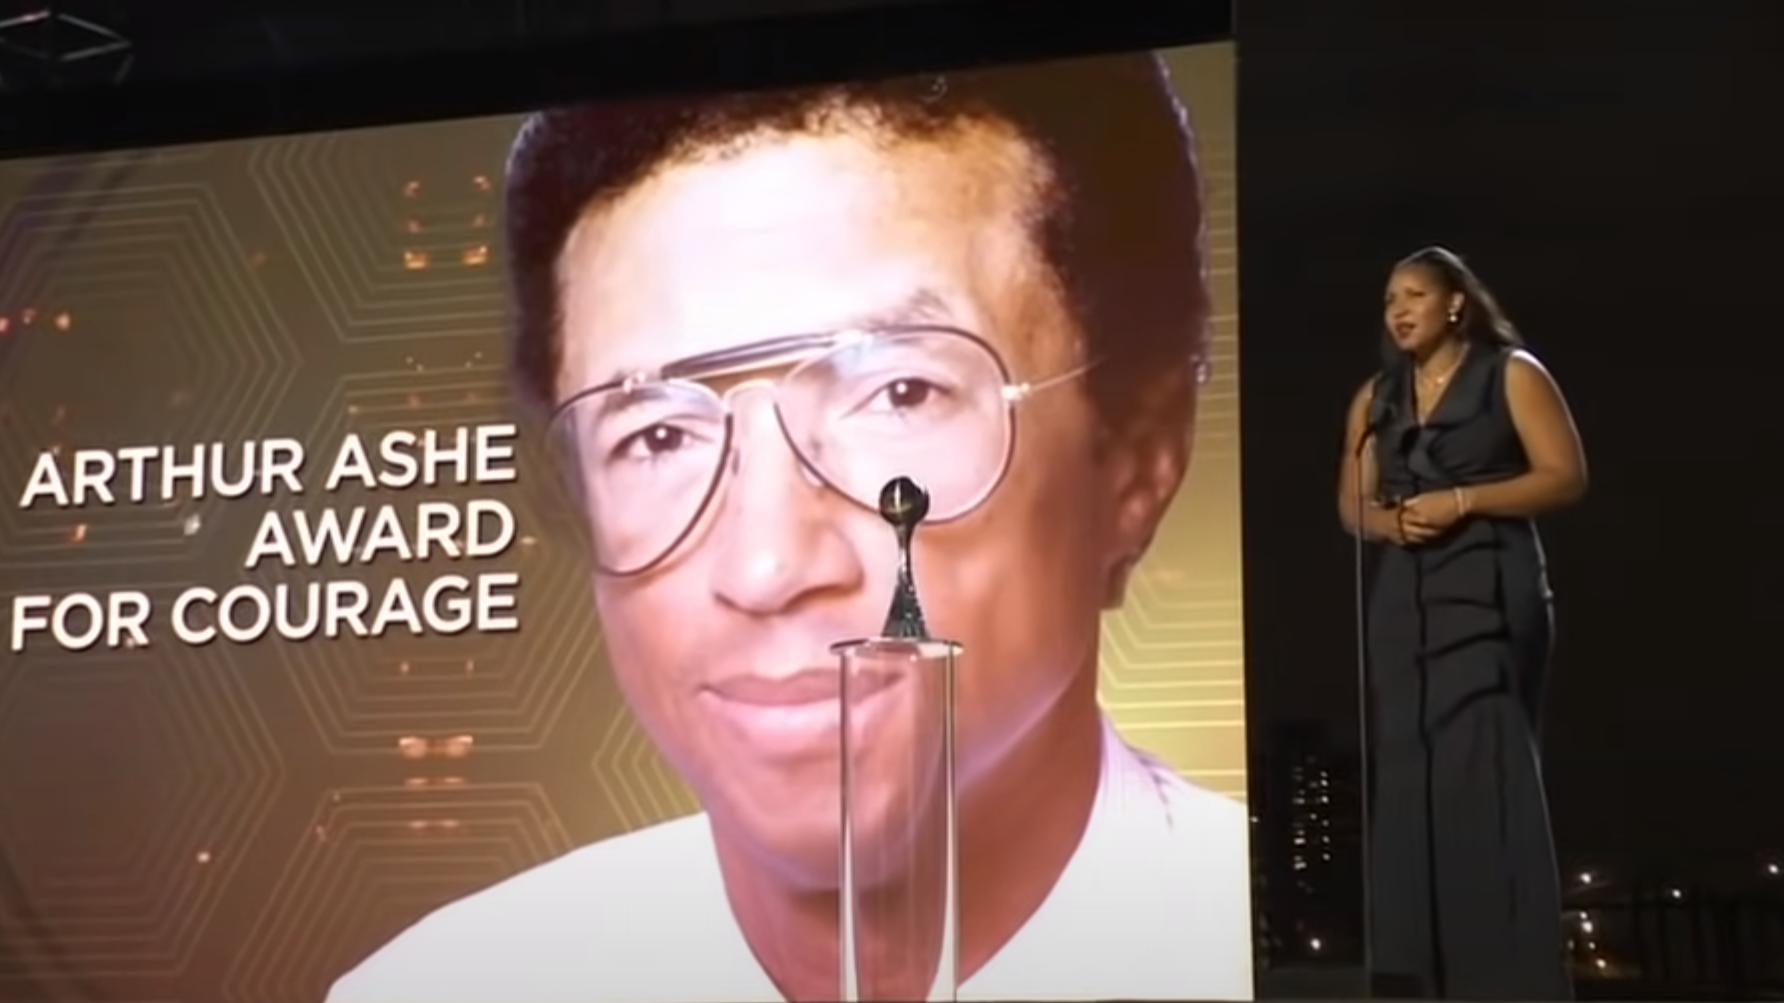 瑪雅獲頒2021年度卓越運動獎(ESPY Awards)中的亞瑟.艾許勇氣獎(Arthur Ashe Courage Award)。